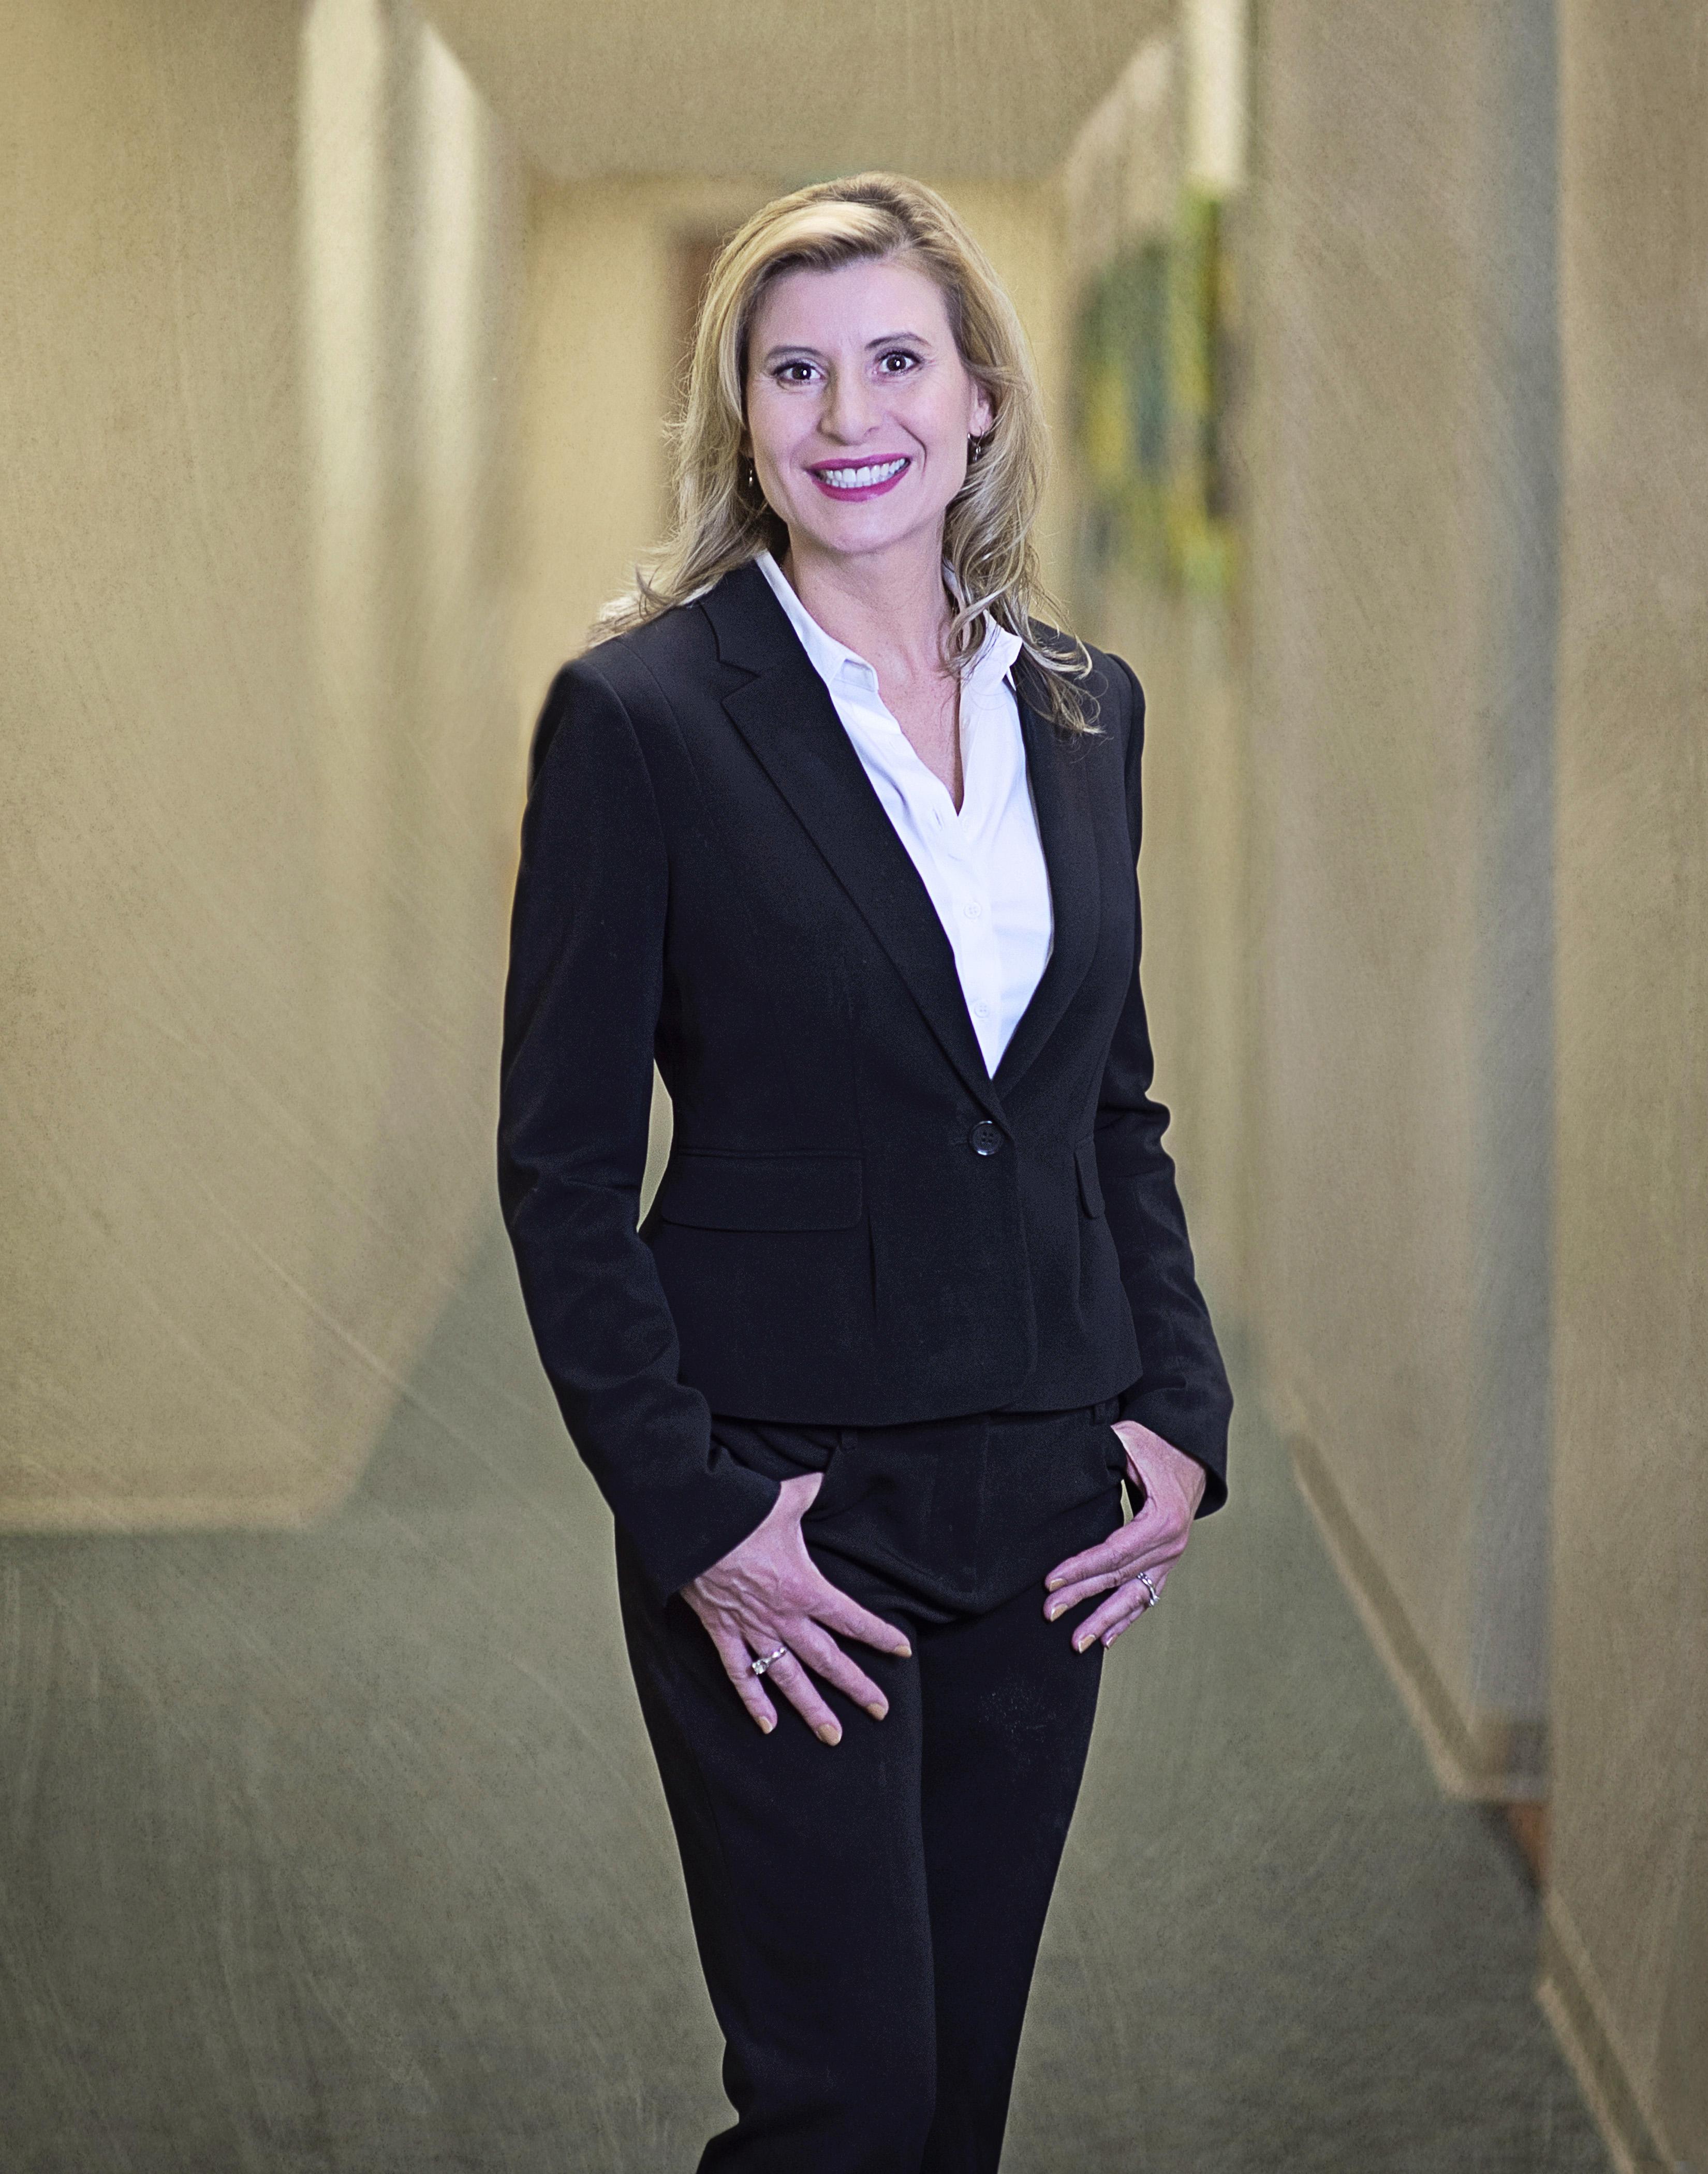 Dr Michelle Huzella